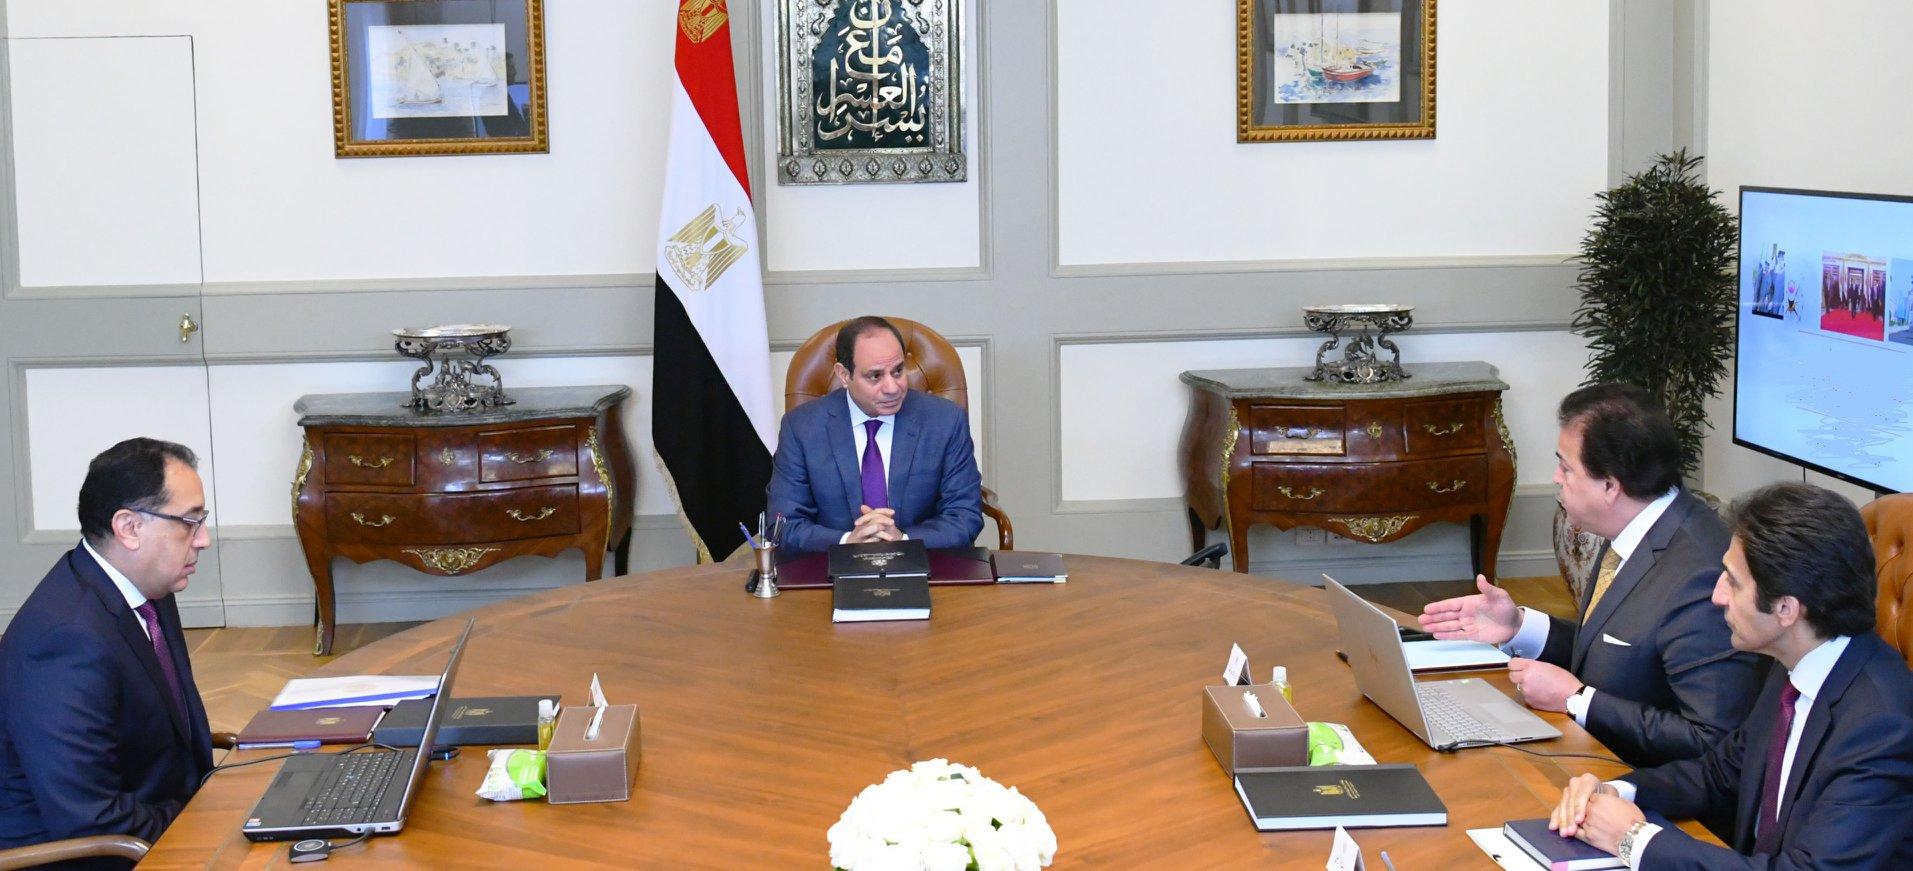 نشاط الرئيس السيسي والنشاط الدبلوماسي المكثف يتصدران عناوين الصحف